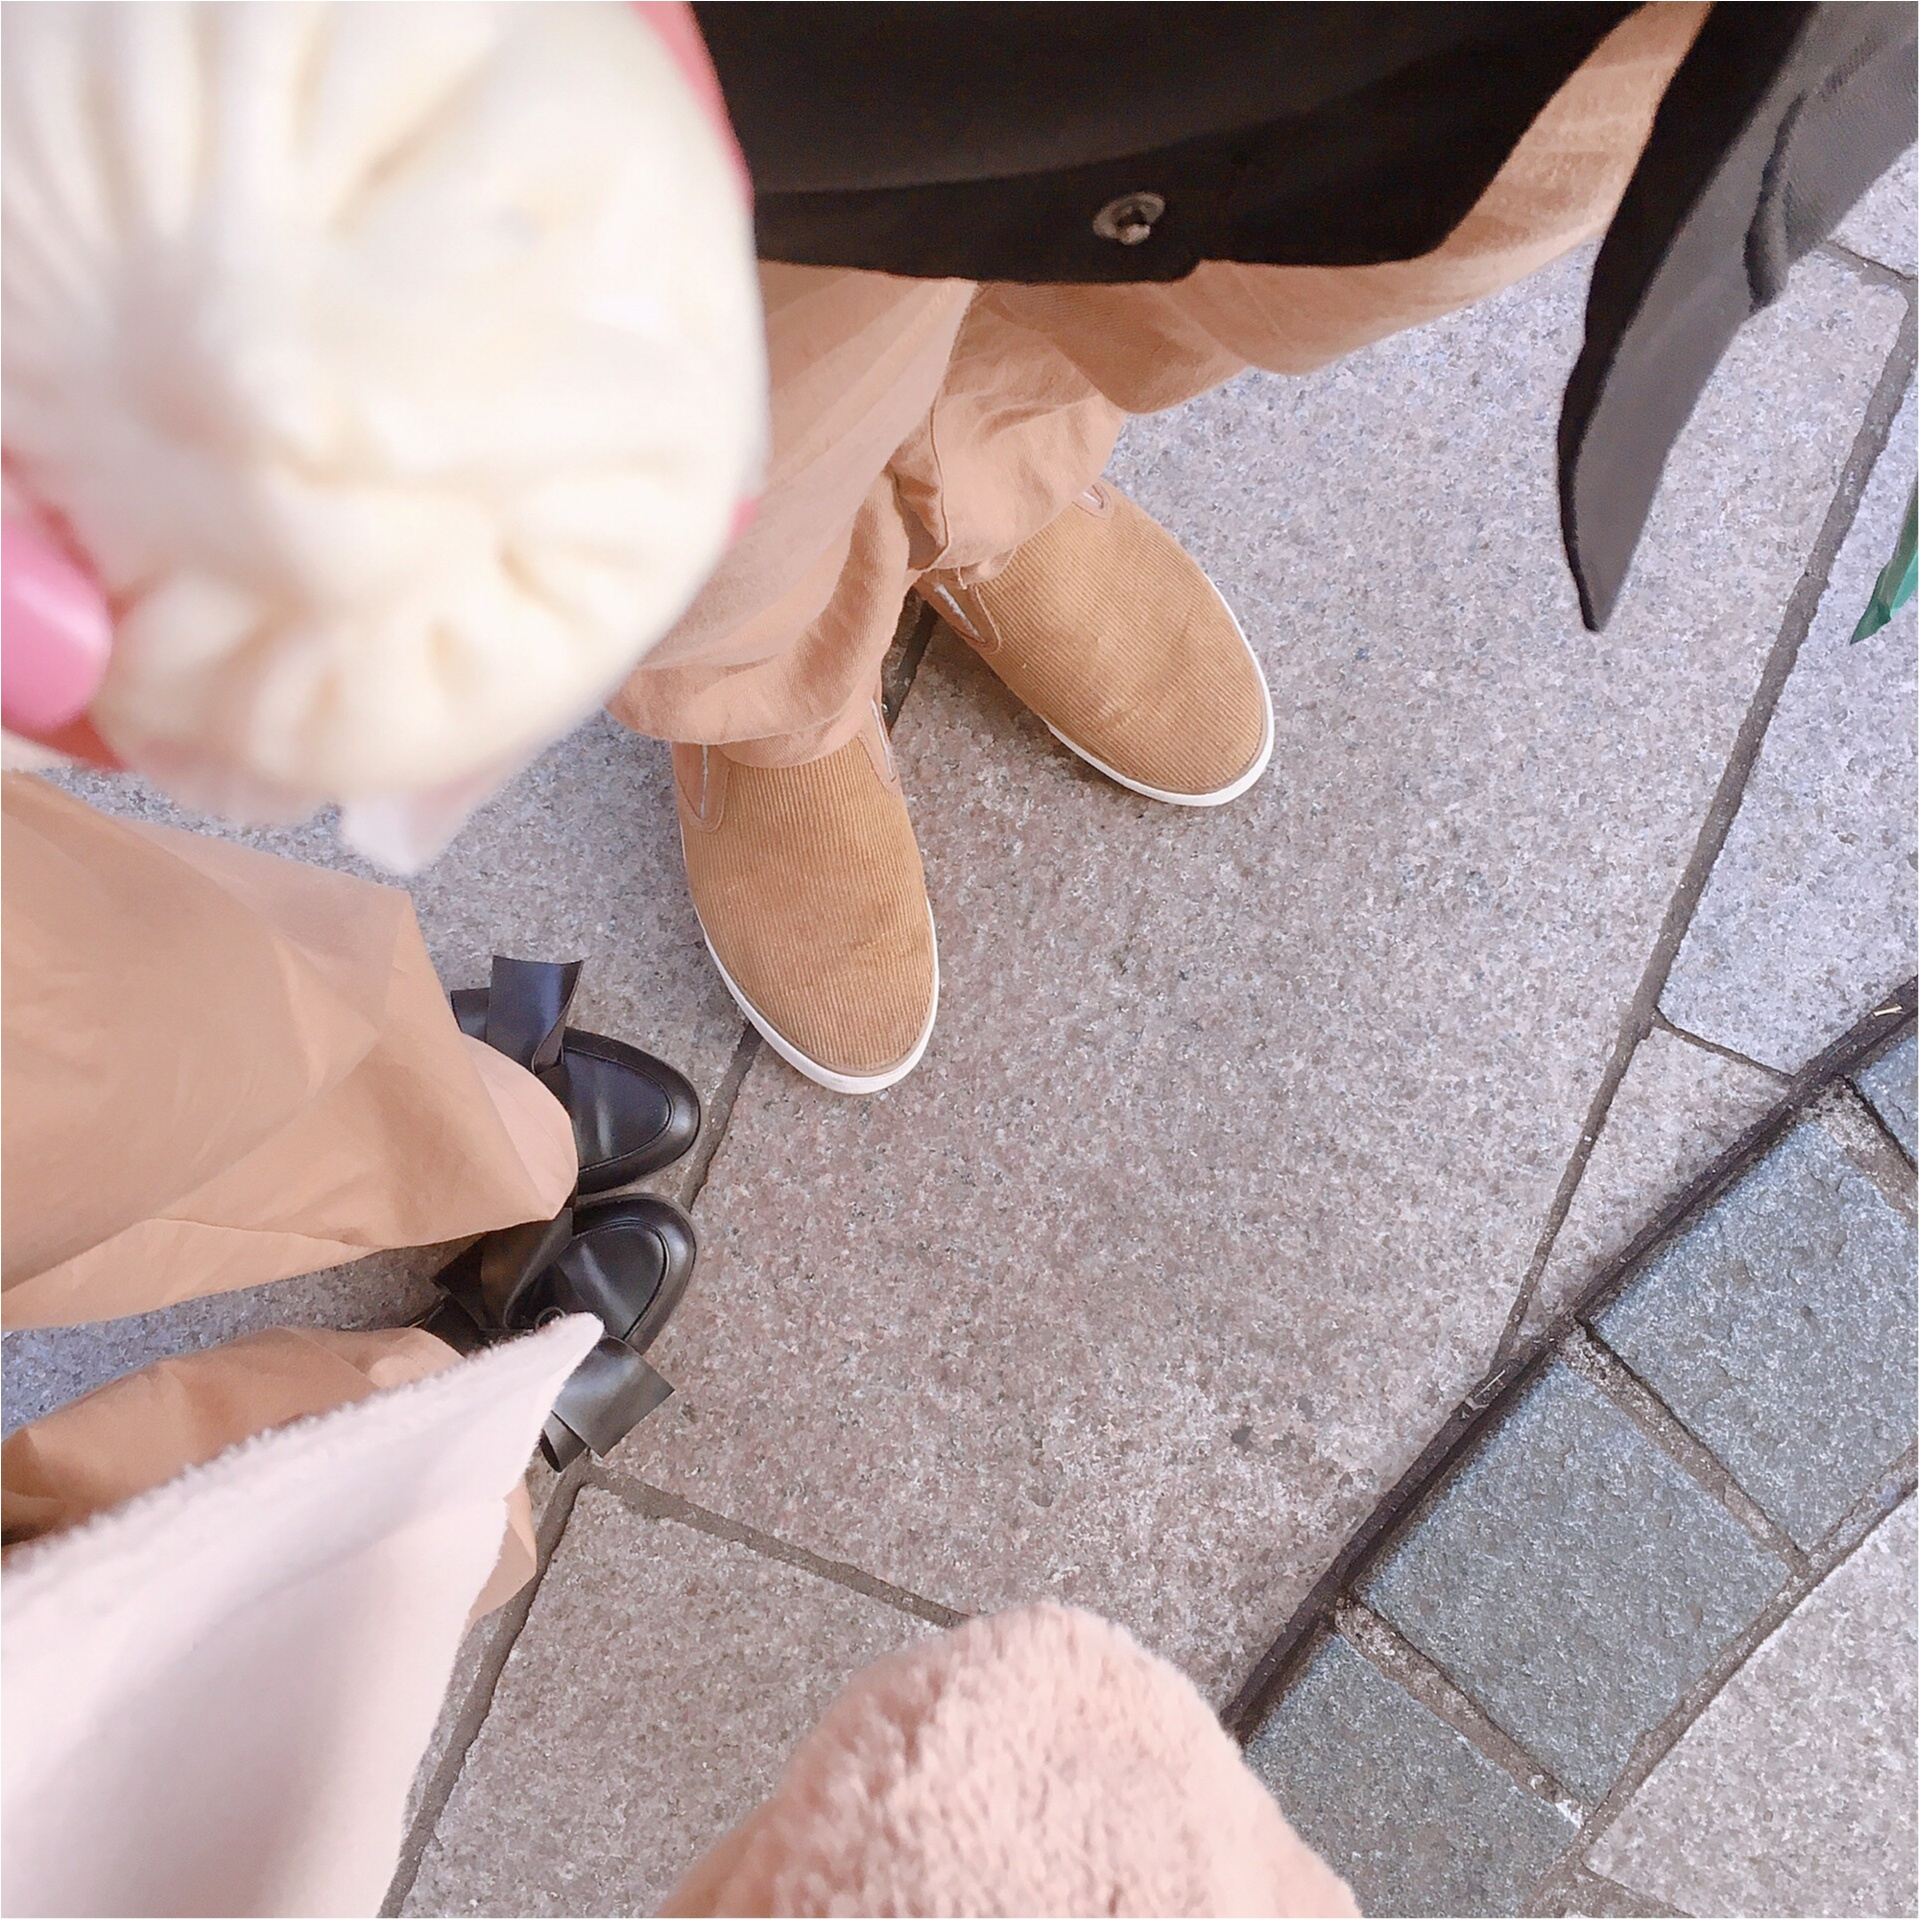 《カップルリンクコーデ》春まではける【GU(ジーユー)】チノパンで中華街デート♡_1